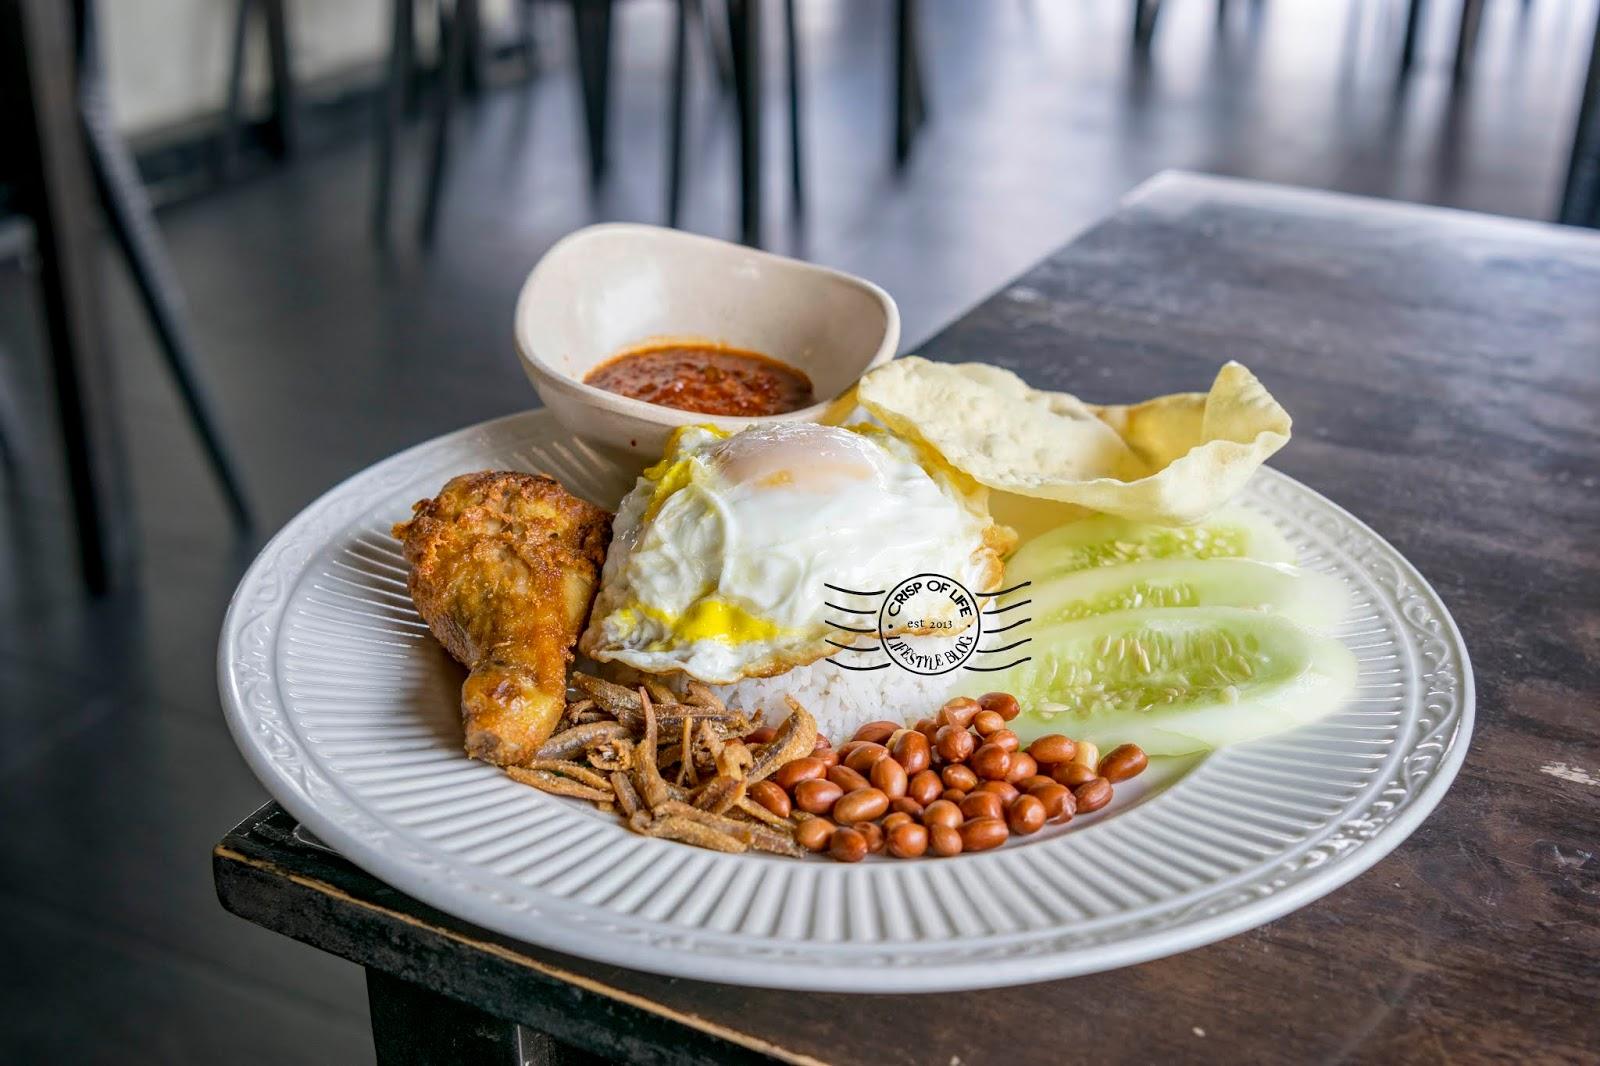 Waiting For You Cafe 一个人咖啡 at Simpang Ampat, Penang